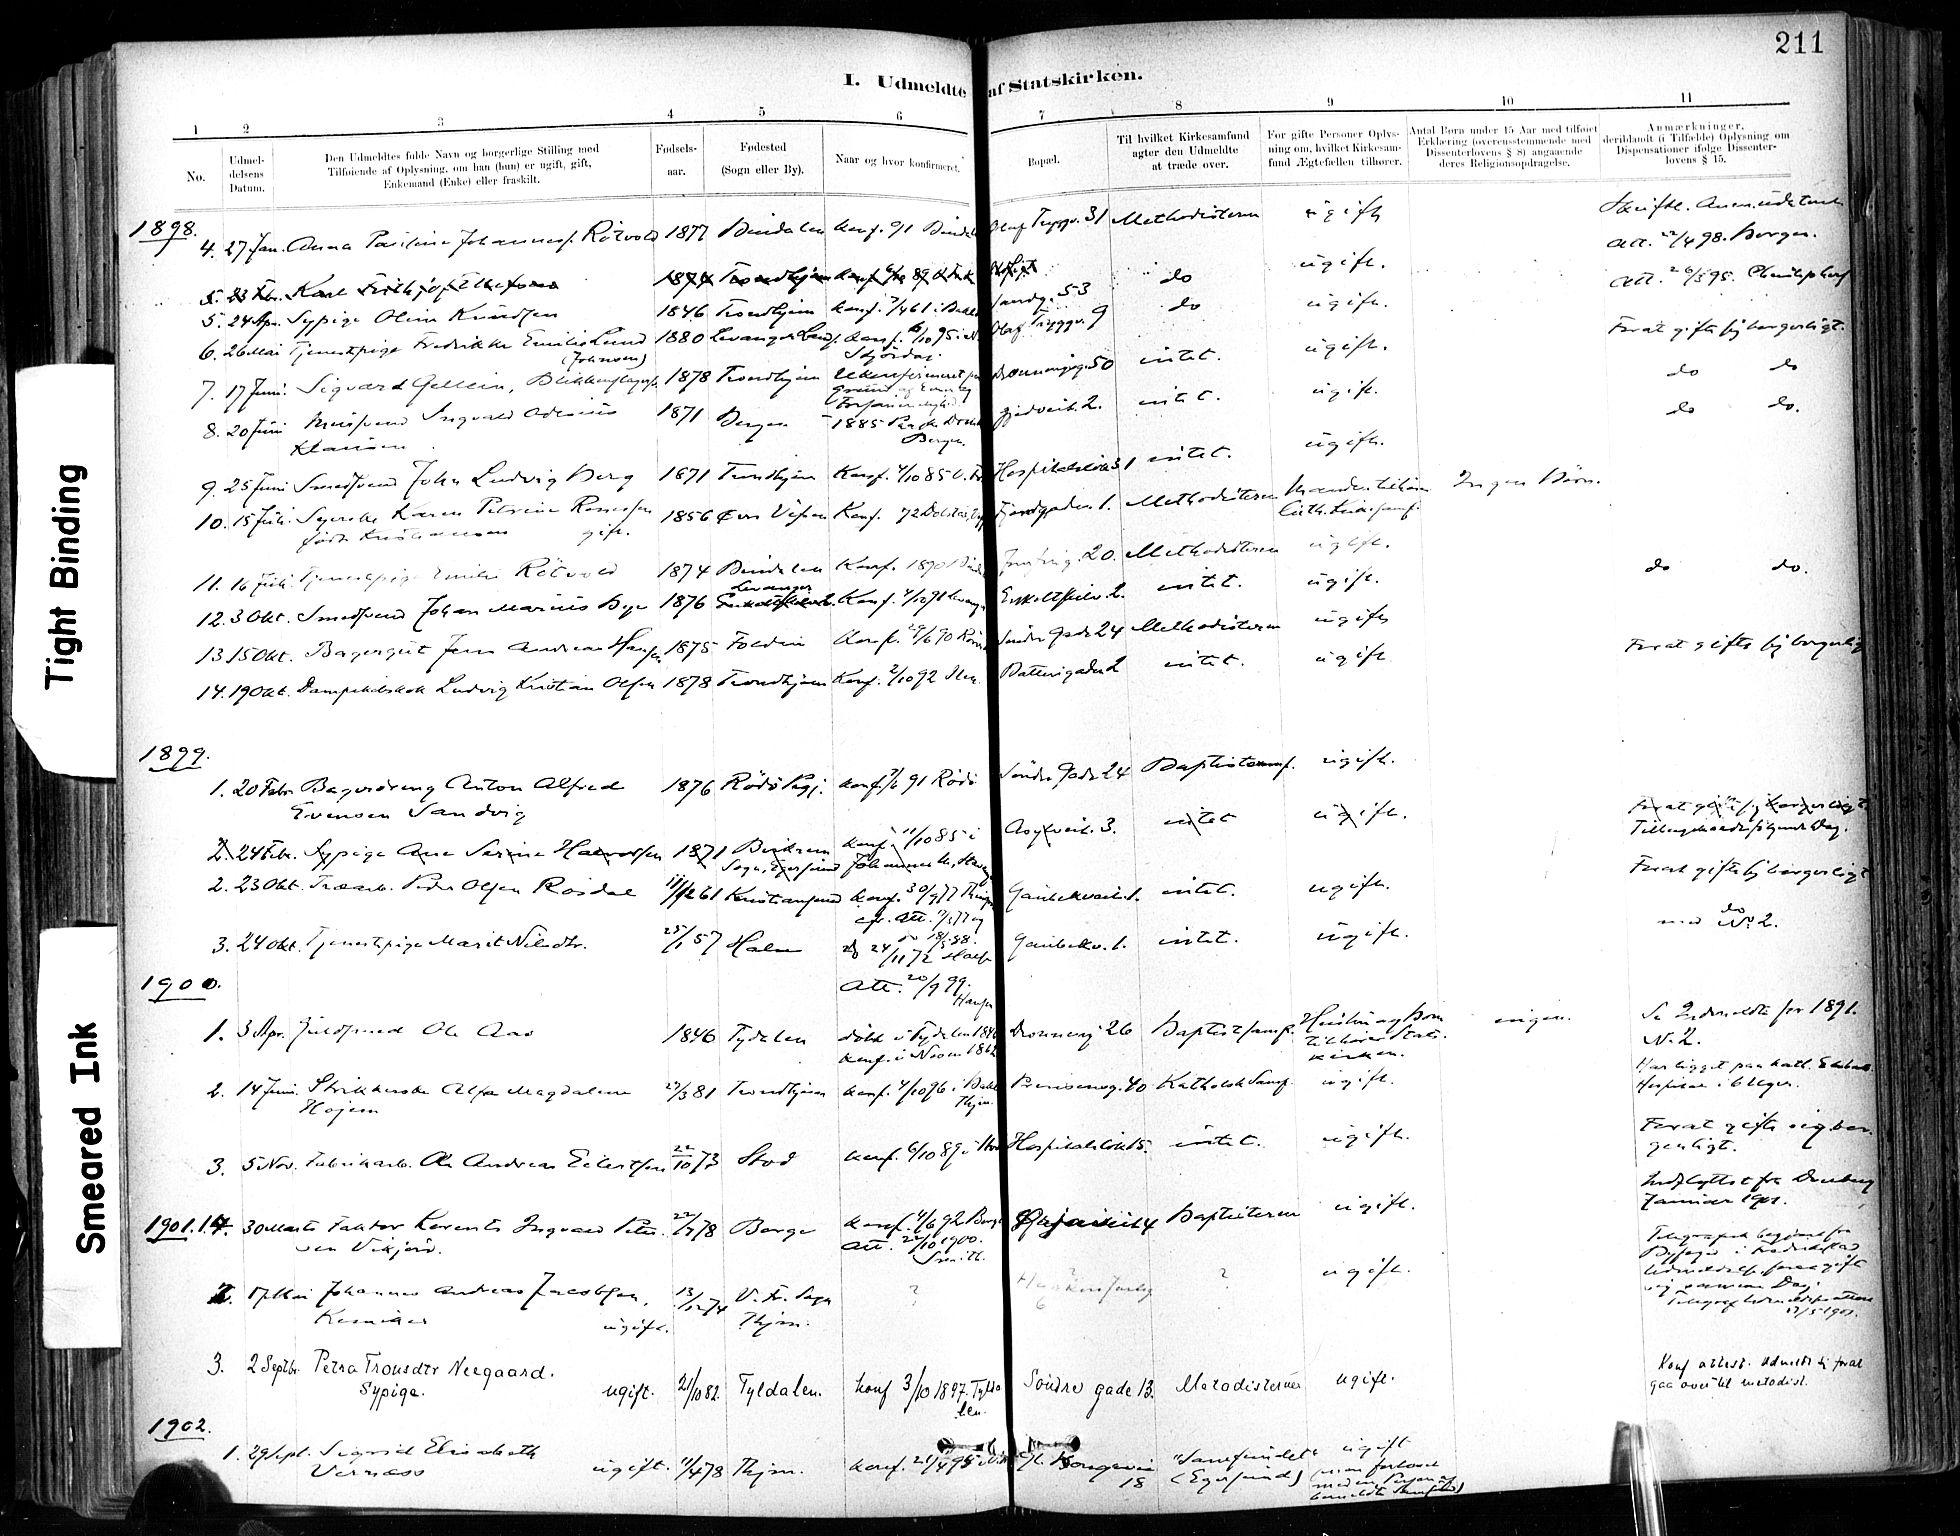 SAT, Ministerialprotokoller, klokkerbøker og fødselsregistre - Sør-Trøndelag, 602/L0120: Ministerialbok nr. 602A18, 1880-1913, s. 211